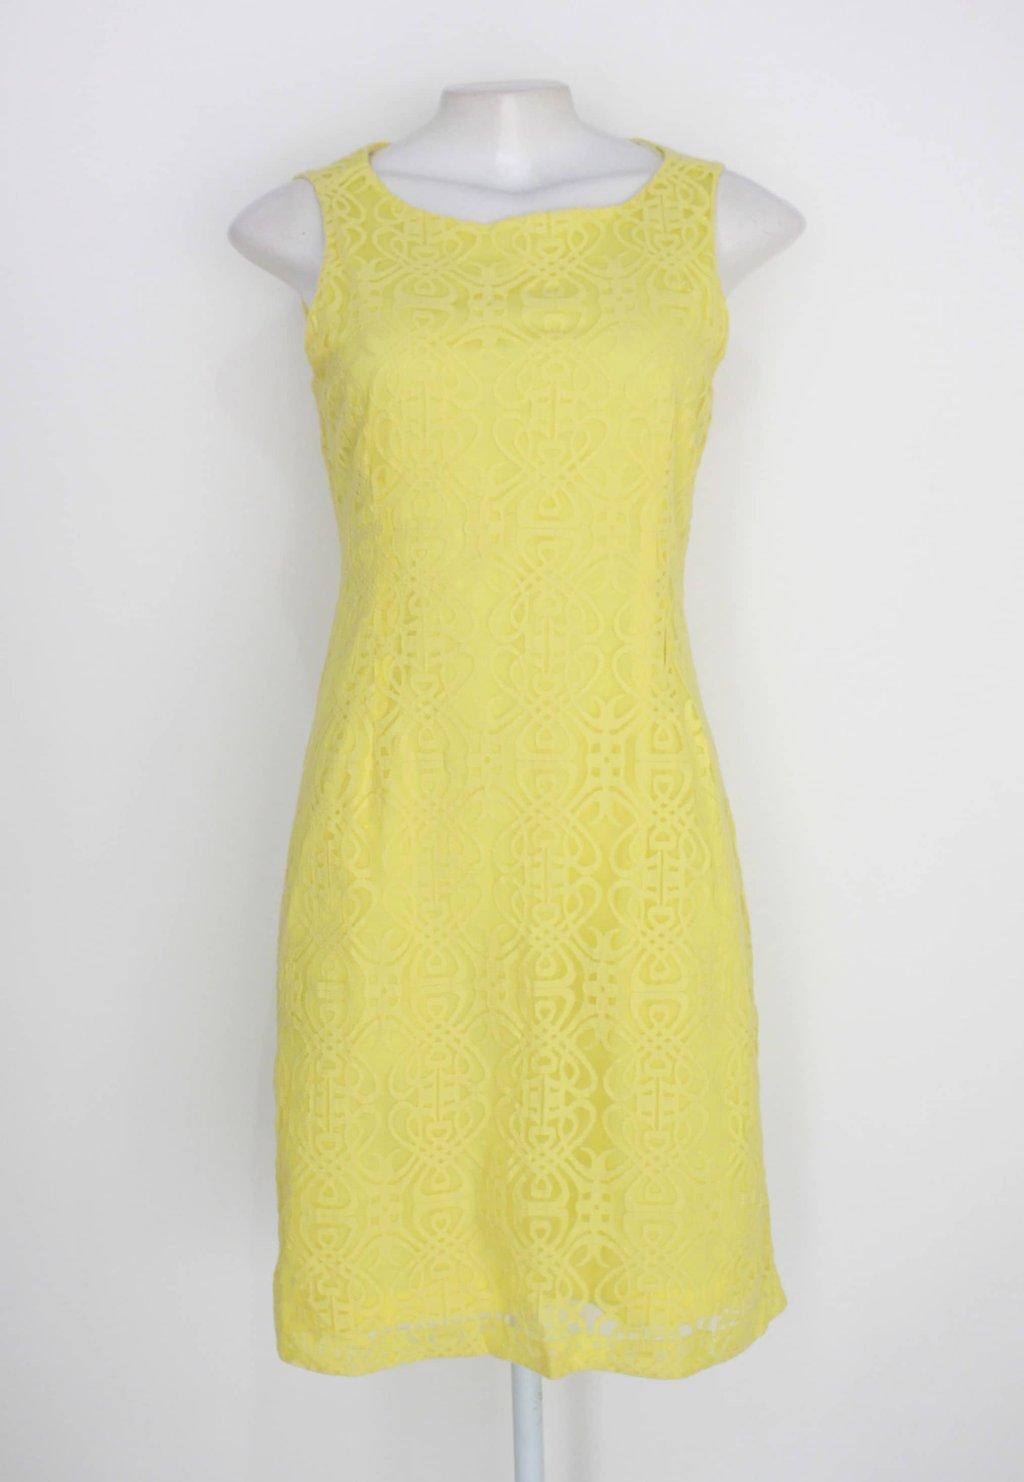 Vestido riachuelo feminino amarelo com forro